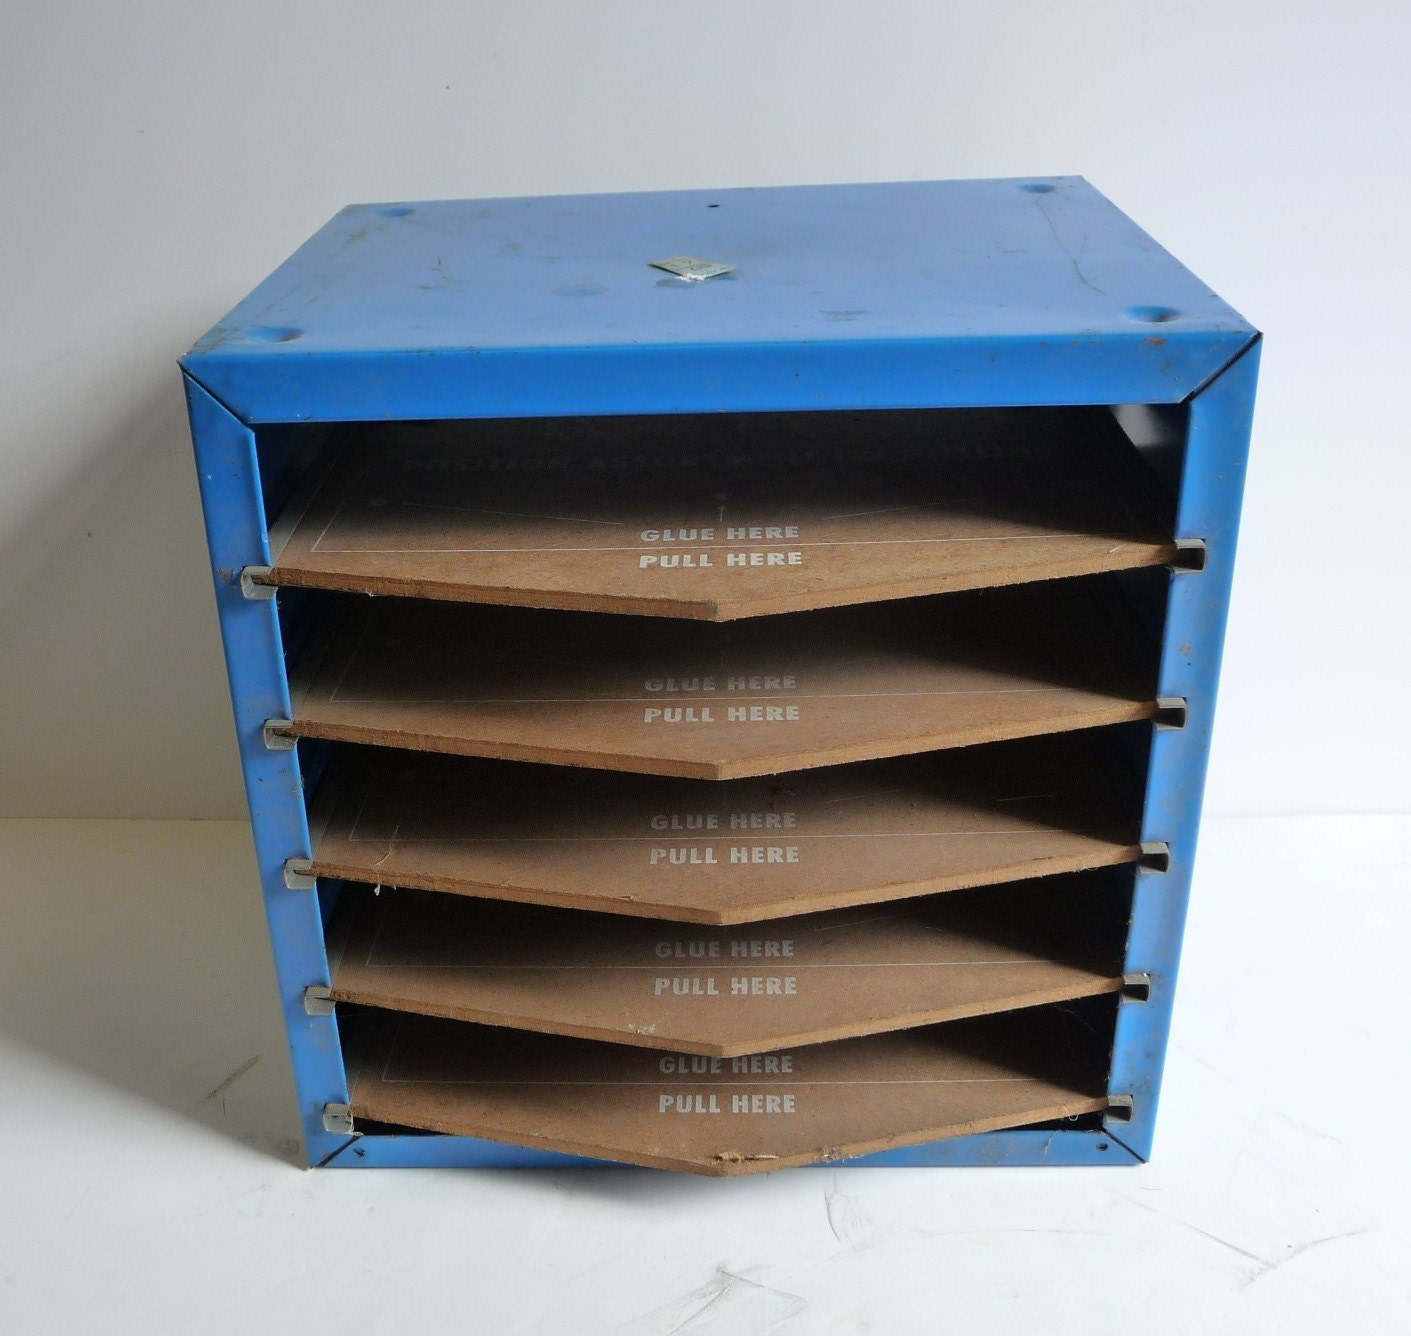 Cardboard Storage Boxes - Walmartcom